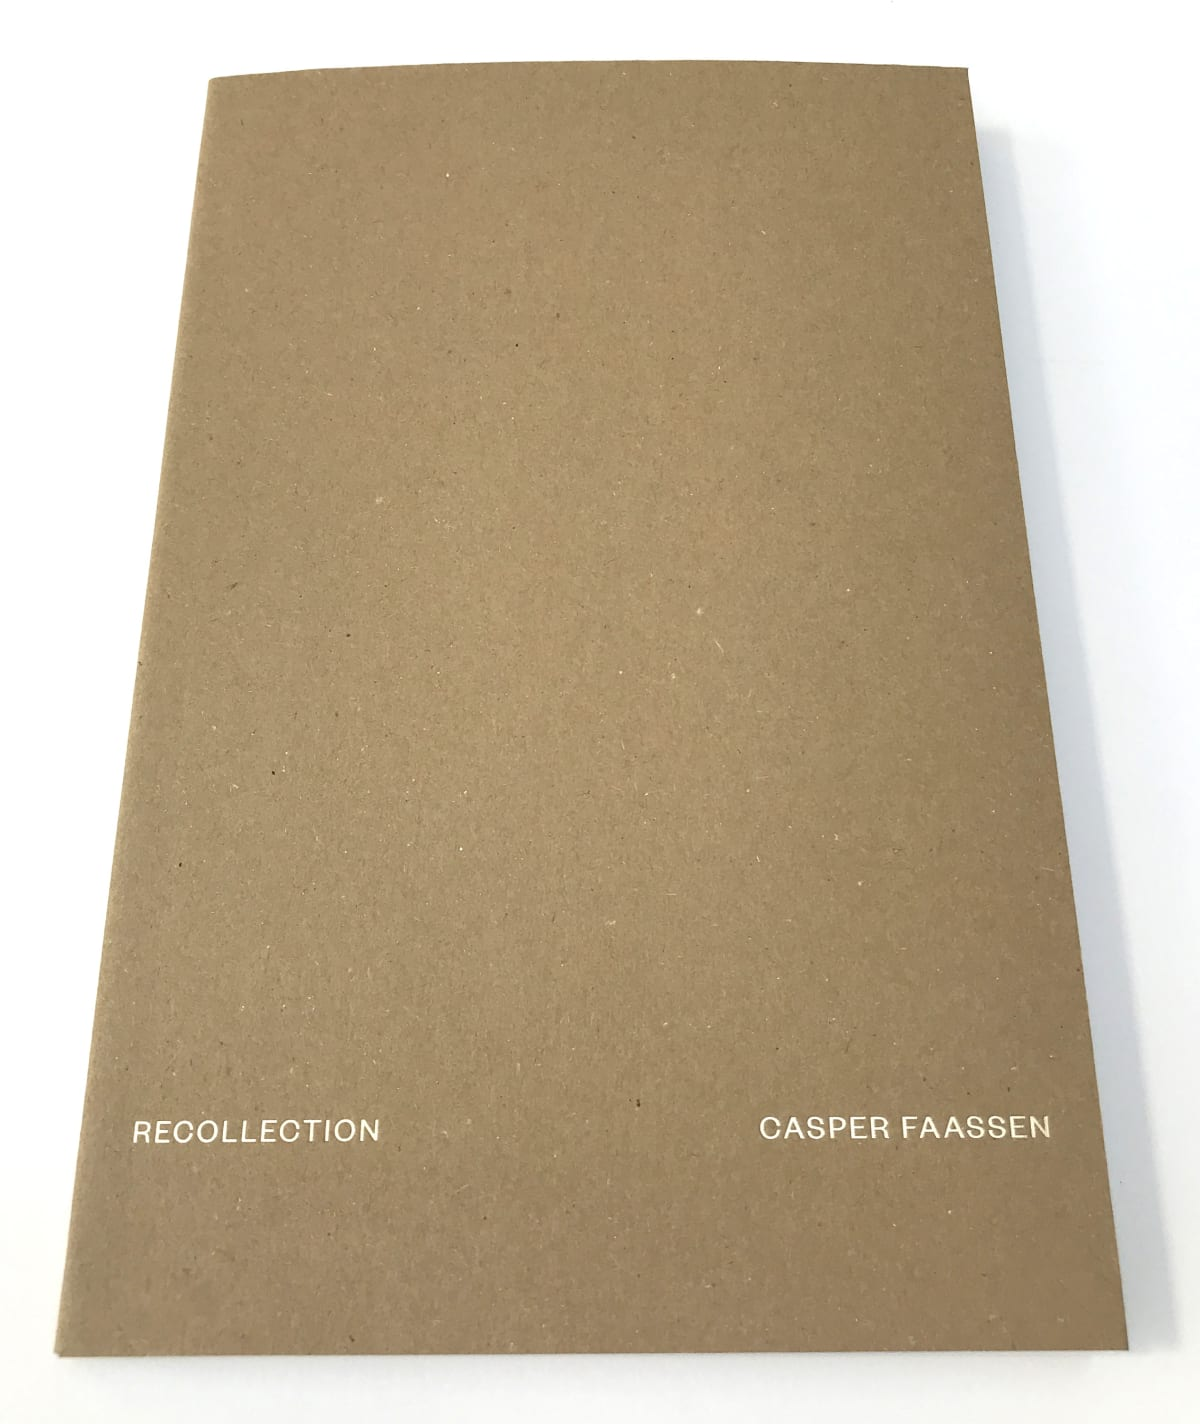 ReCollection - Casper Faassen